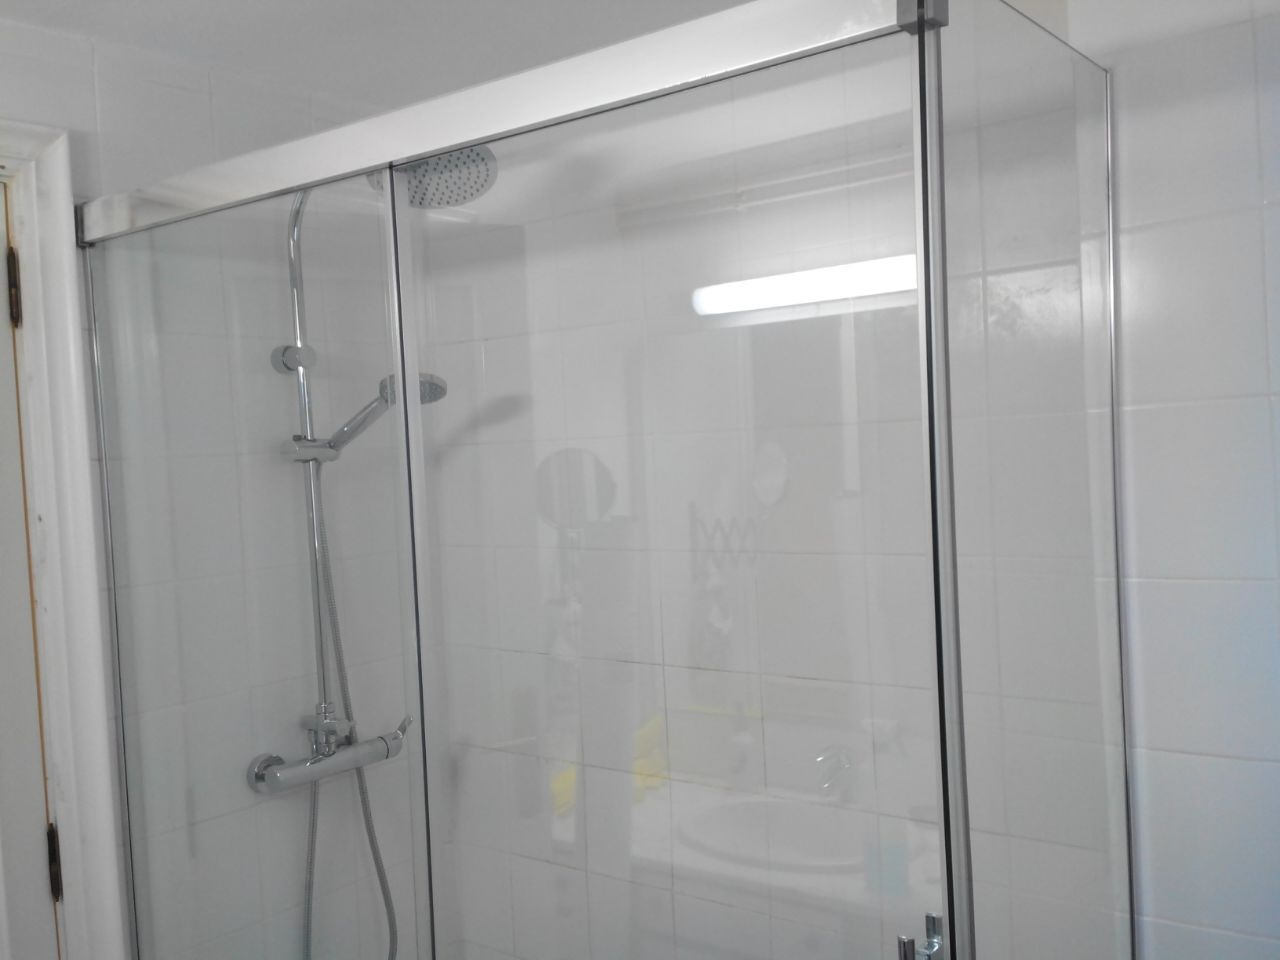 Mamparas Para Baño A Medida:Acabados de vidrio para mamparas de baño a medida en Asealia